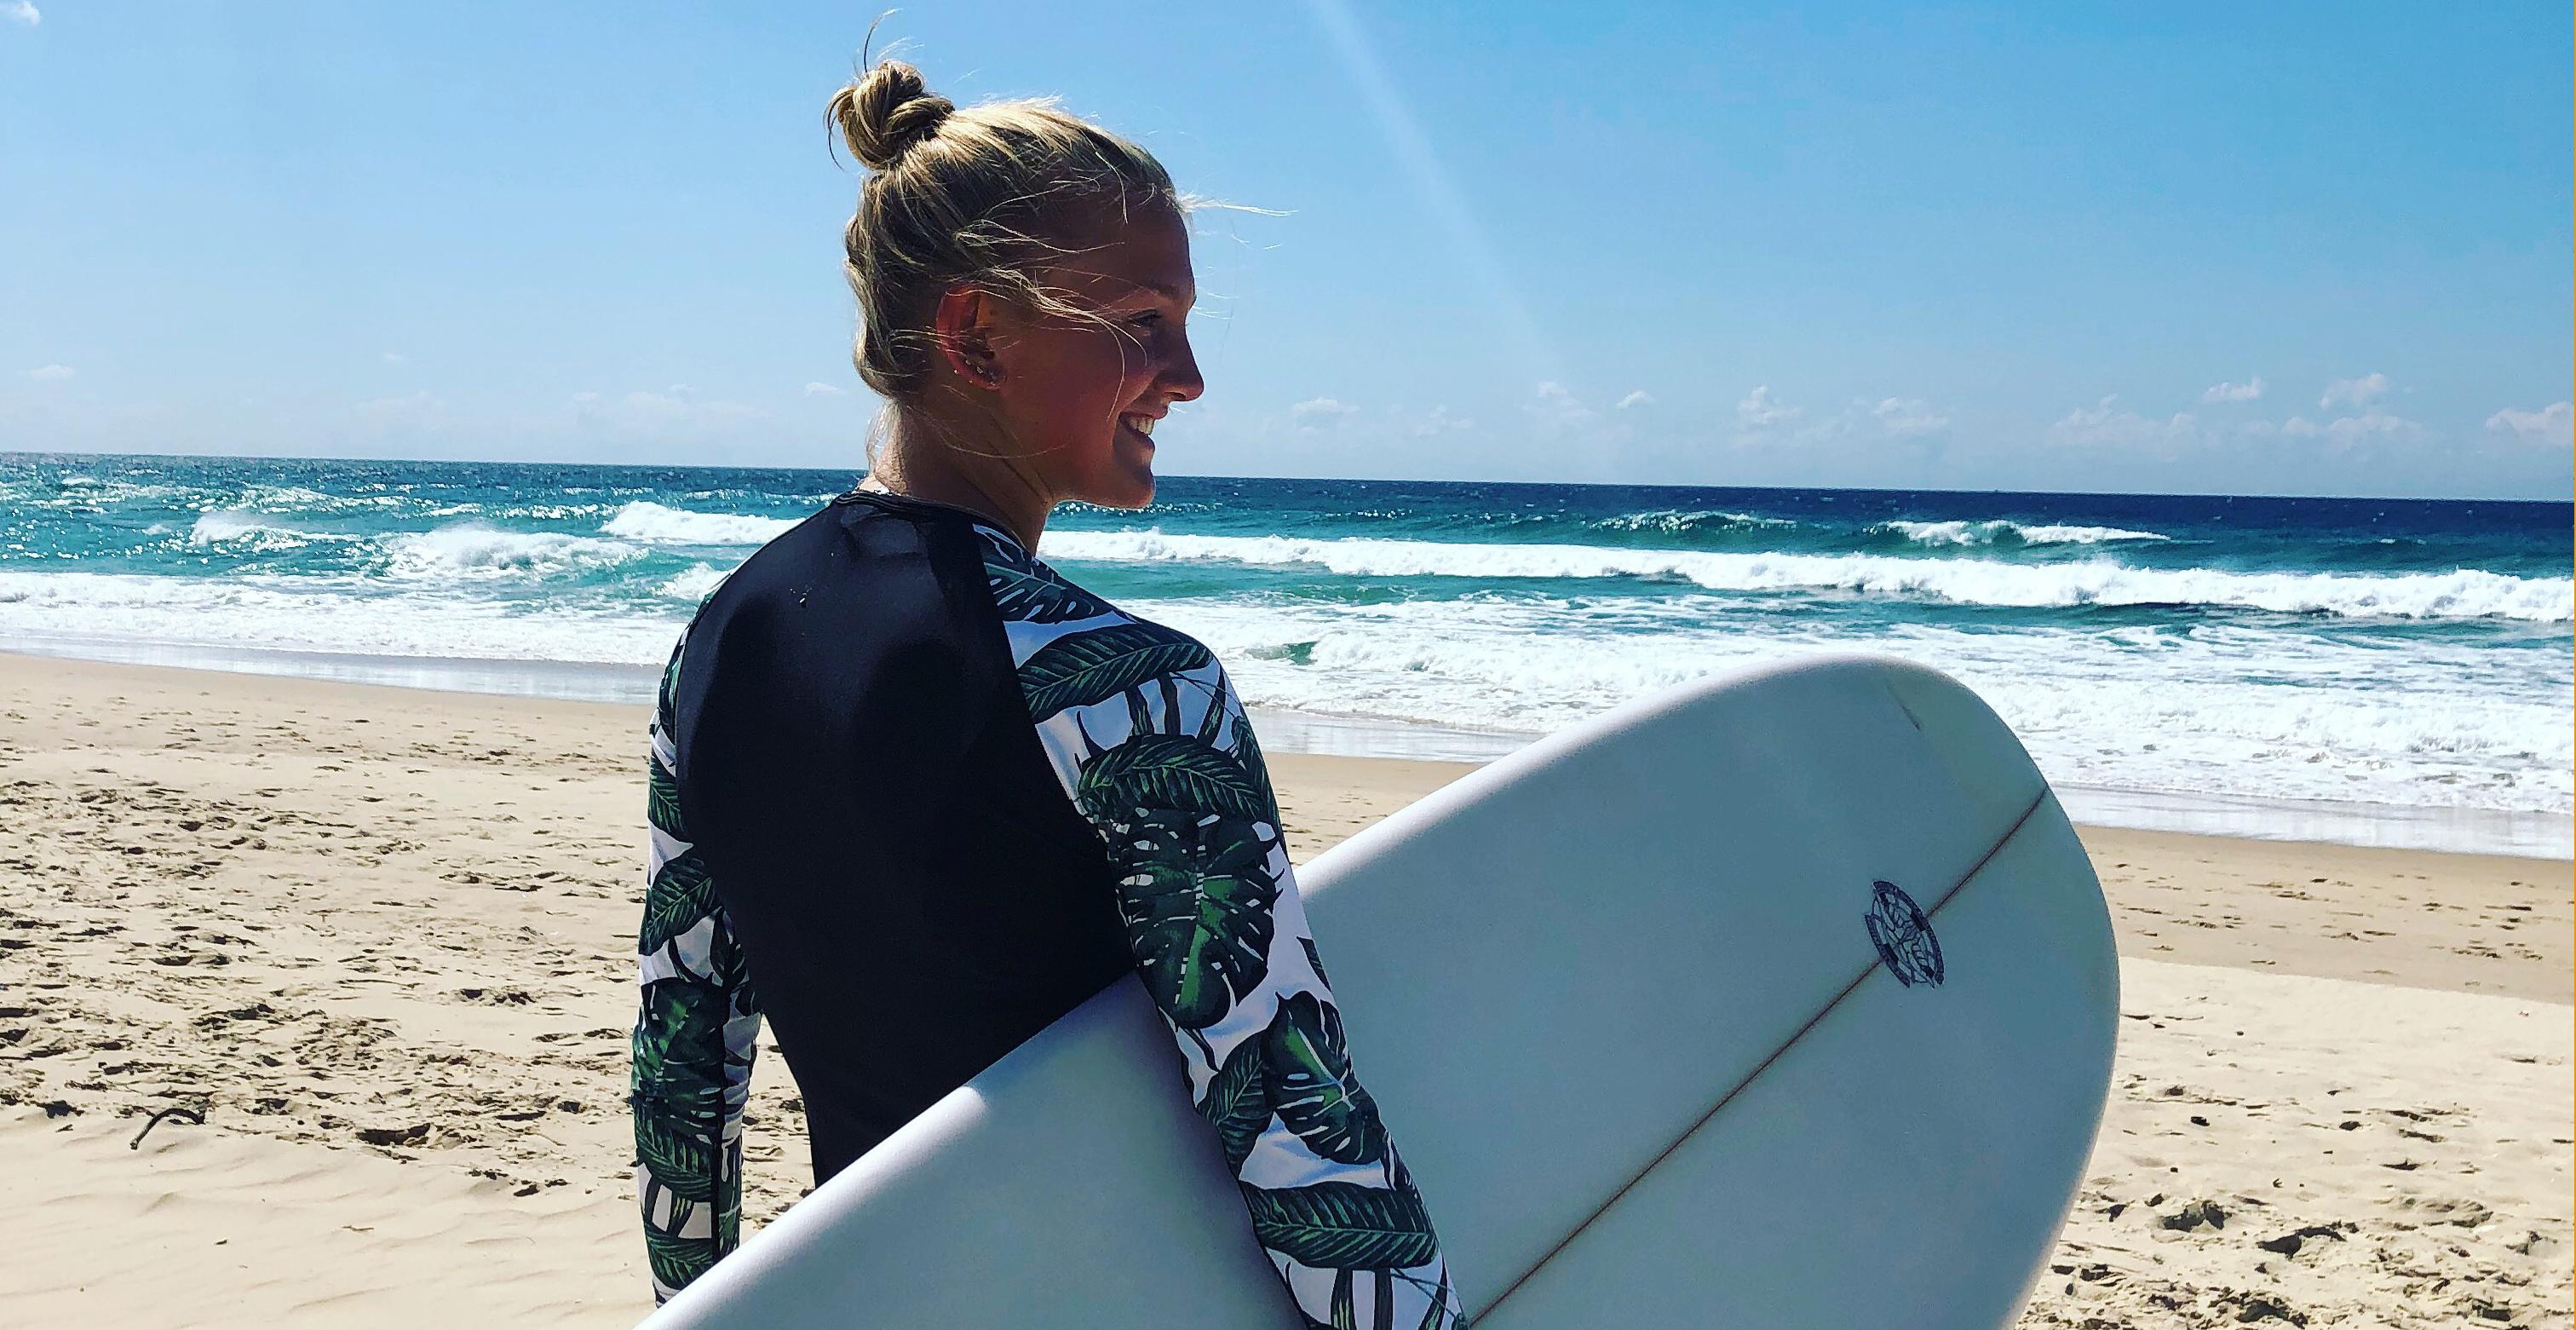 Utvekslingsstudent surfer i australia